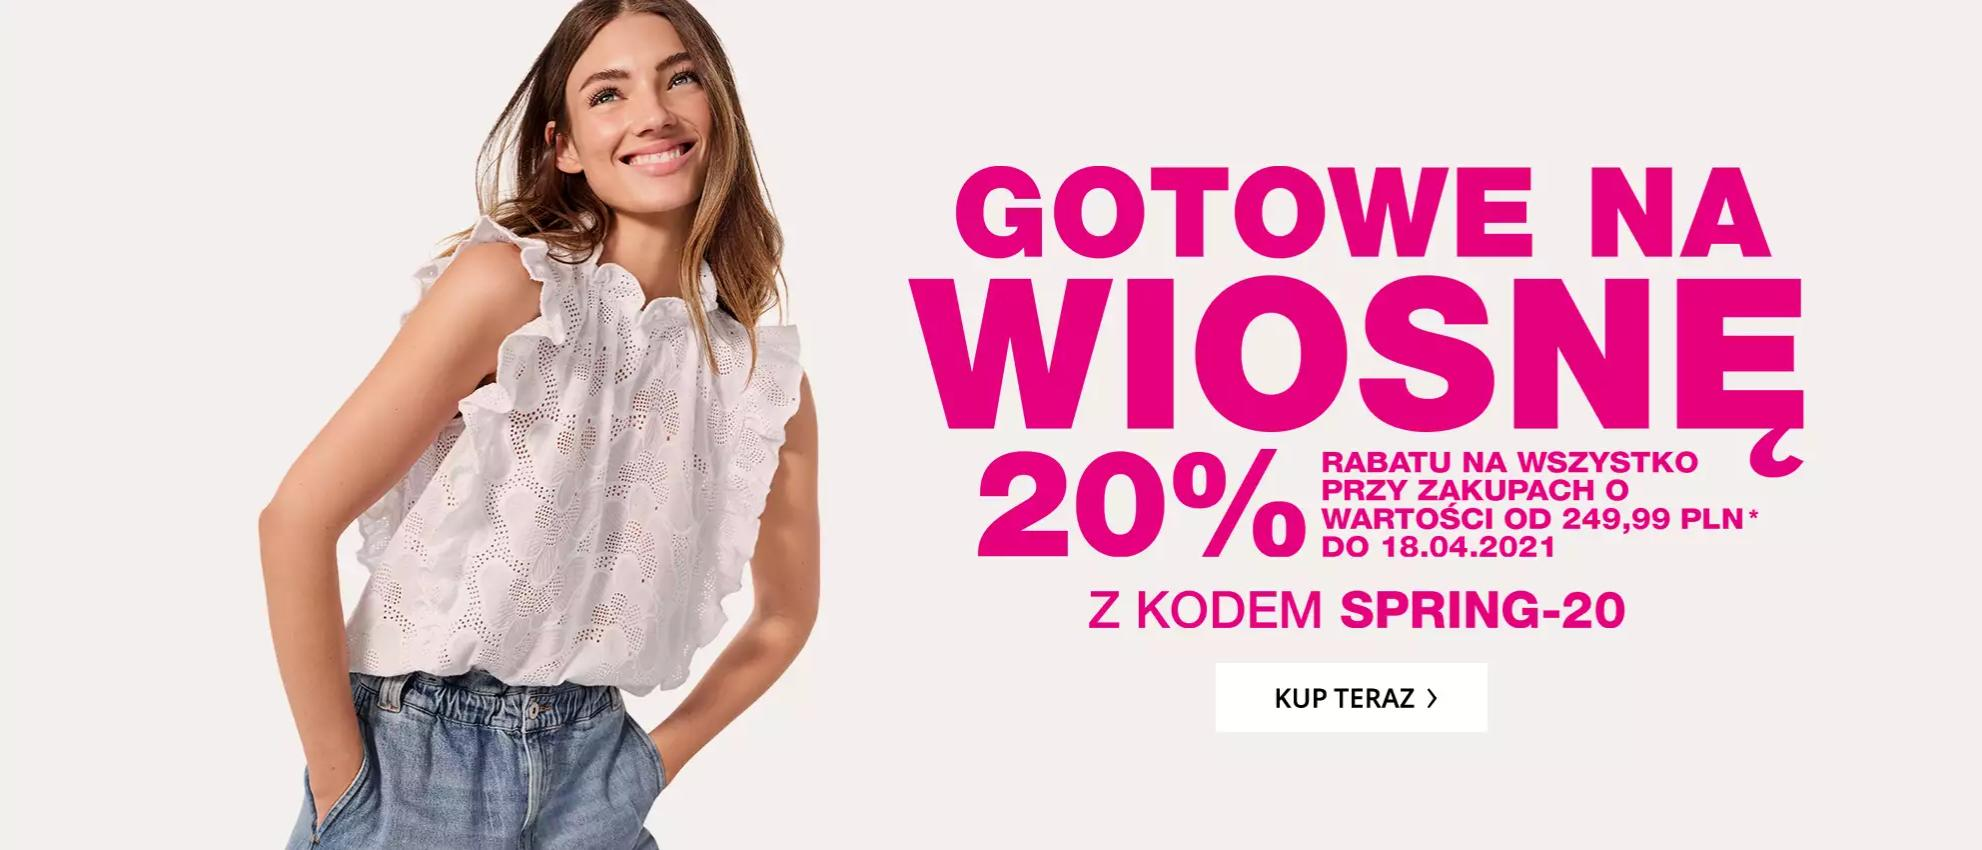 Peek & Cloppenburg Peek & Cloppenburg: 20% zniżki na odzież damską, męską i dziecięcą